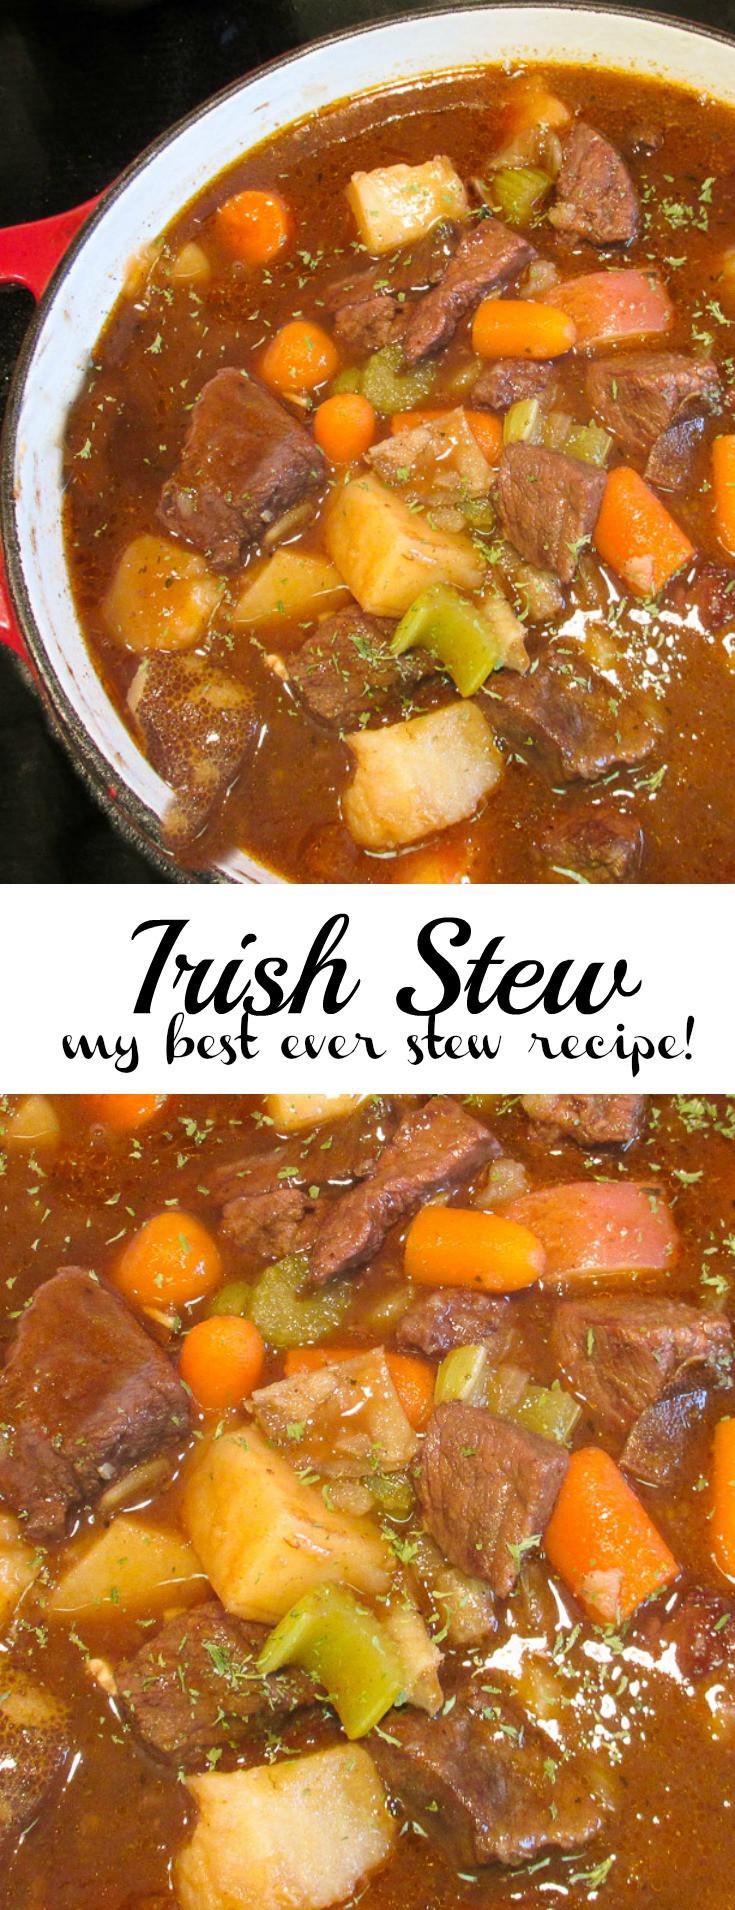 Irish Stew Recipes  Irish Stew